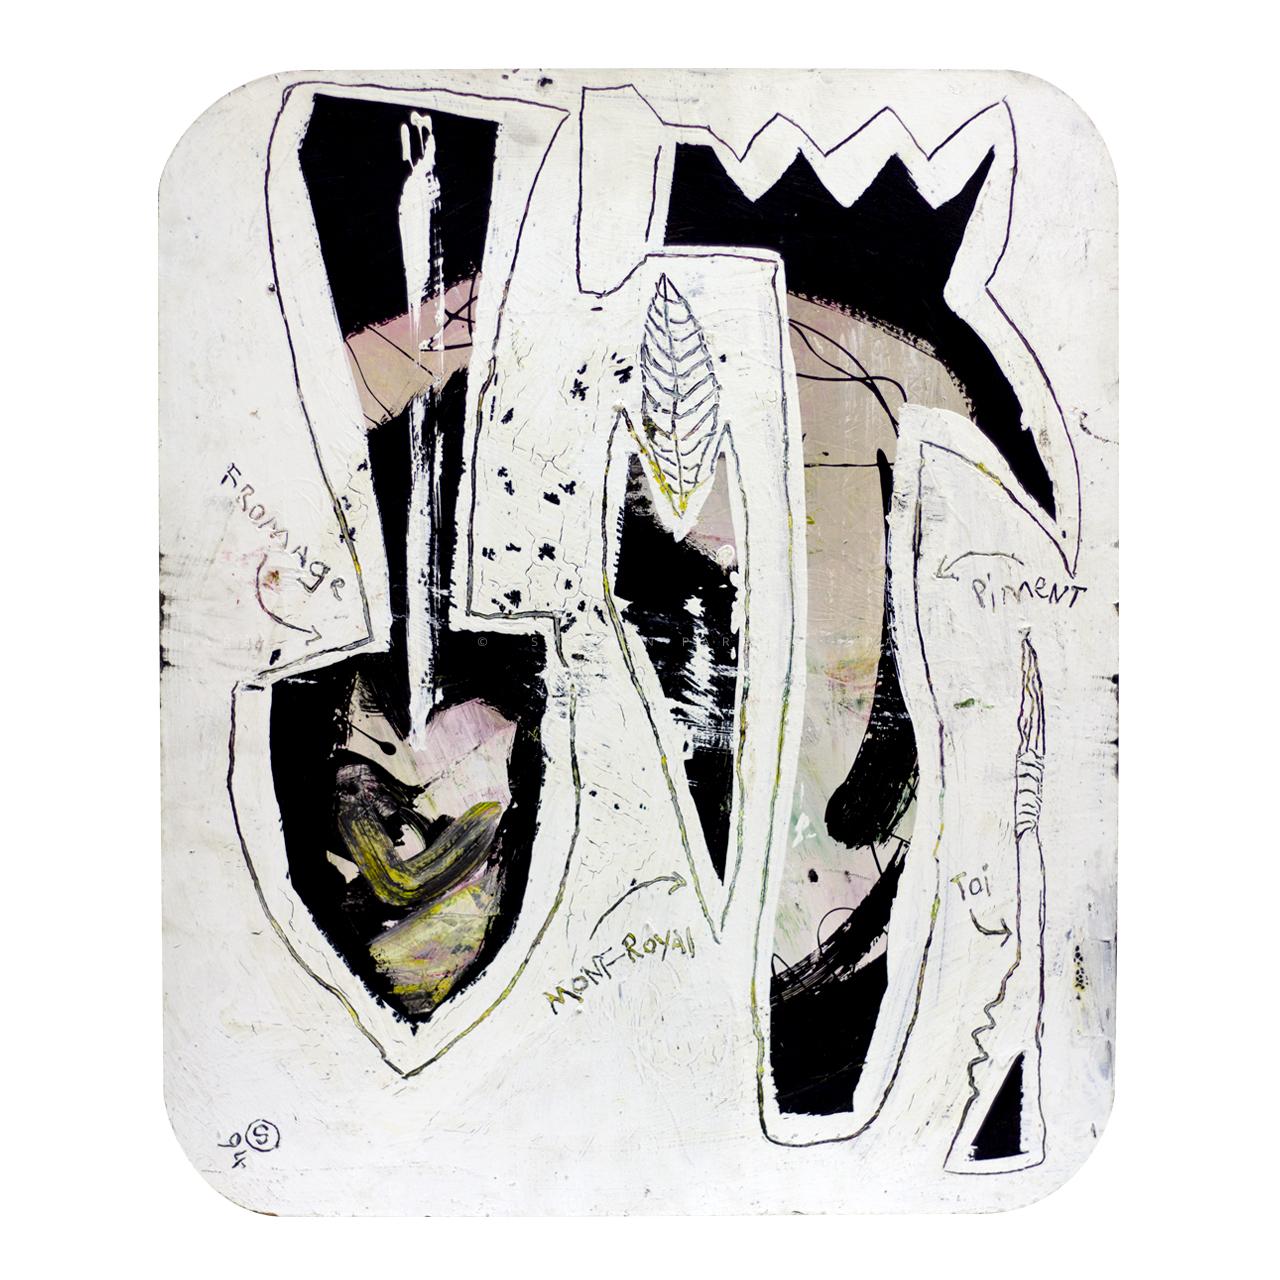 sylvain-pare-spare-artwork-1280x1280_IMG_0302.jpg